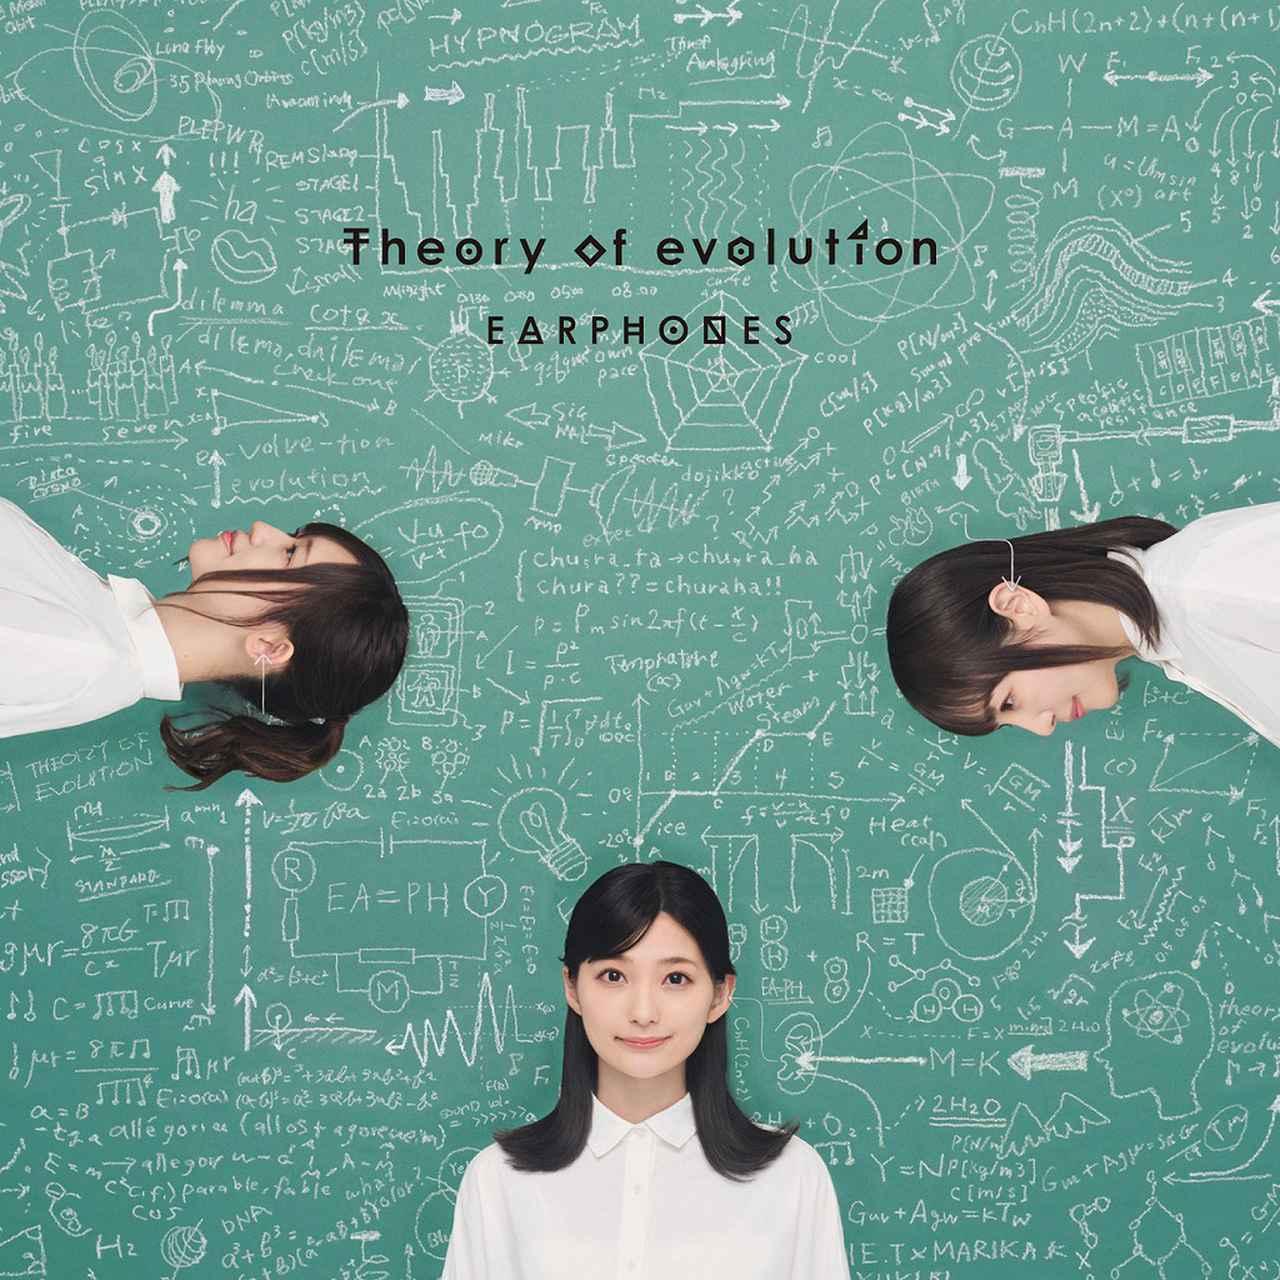 画像: Theory of evolution / イヤホンズ